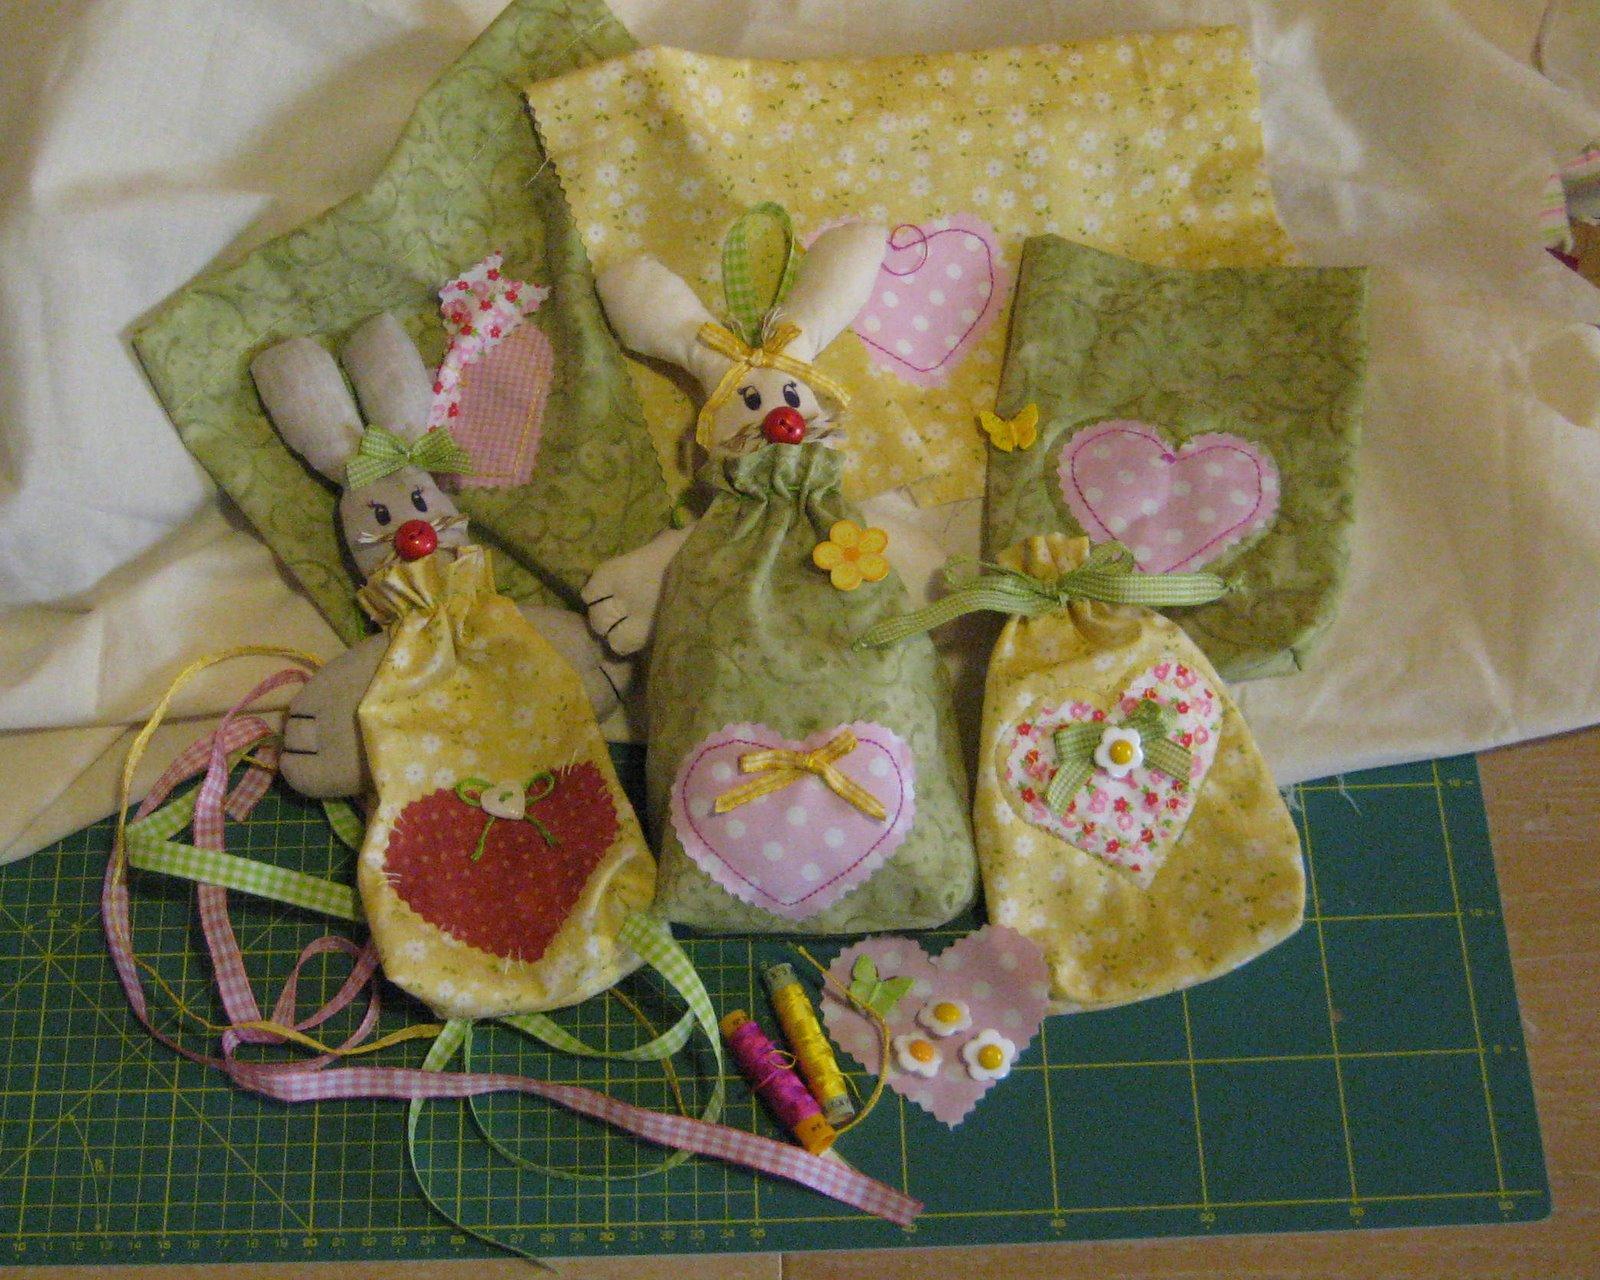 Idee Cucito Per Pasqua : La libellula creativa cucito creativo i miei lavoretti di pasqua